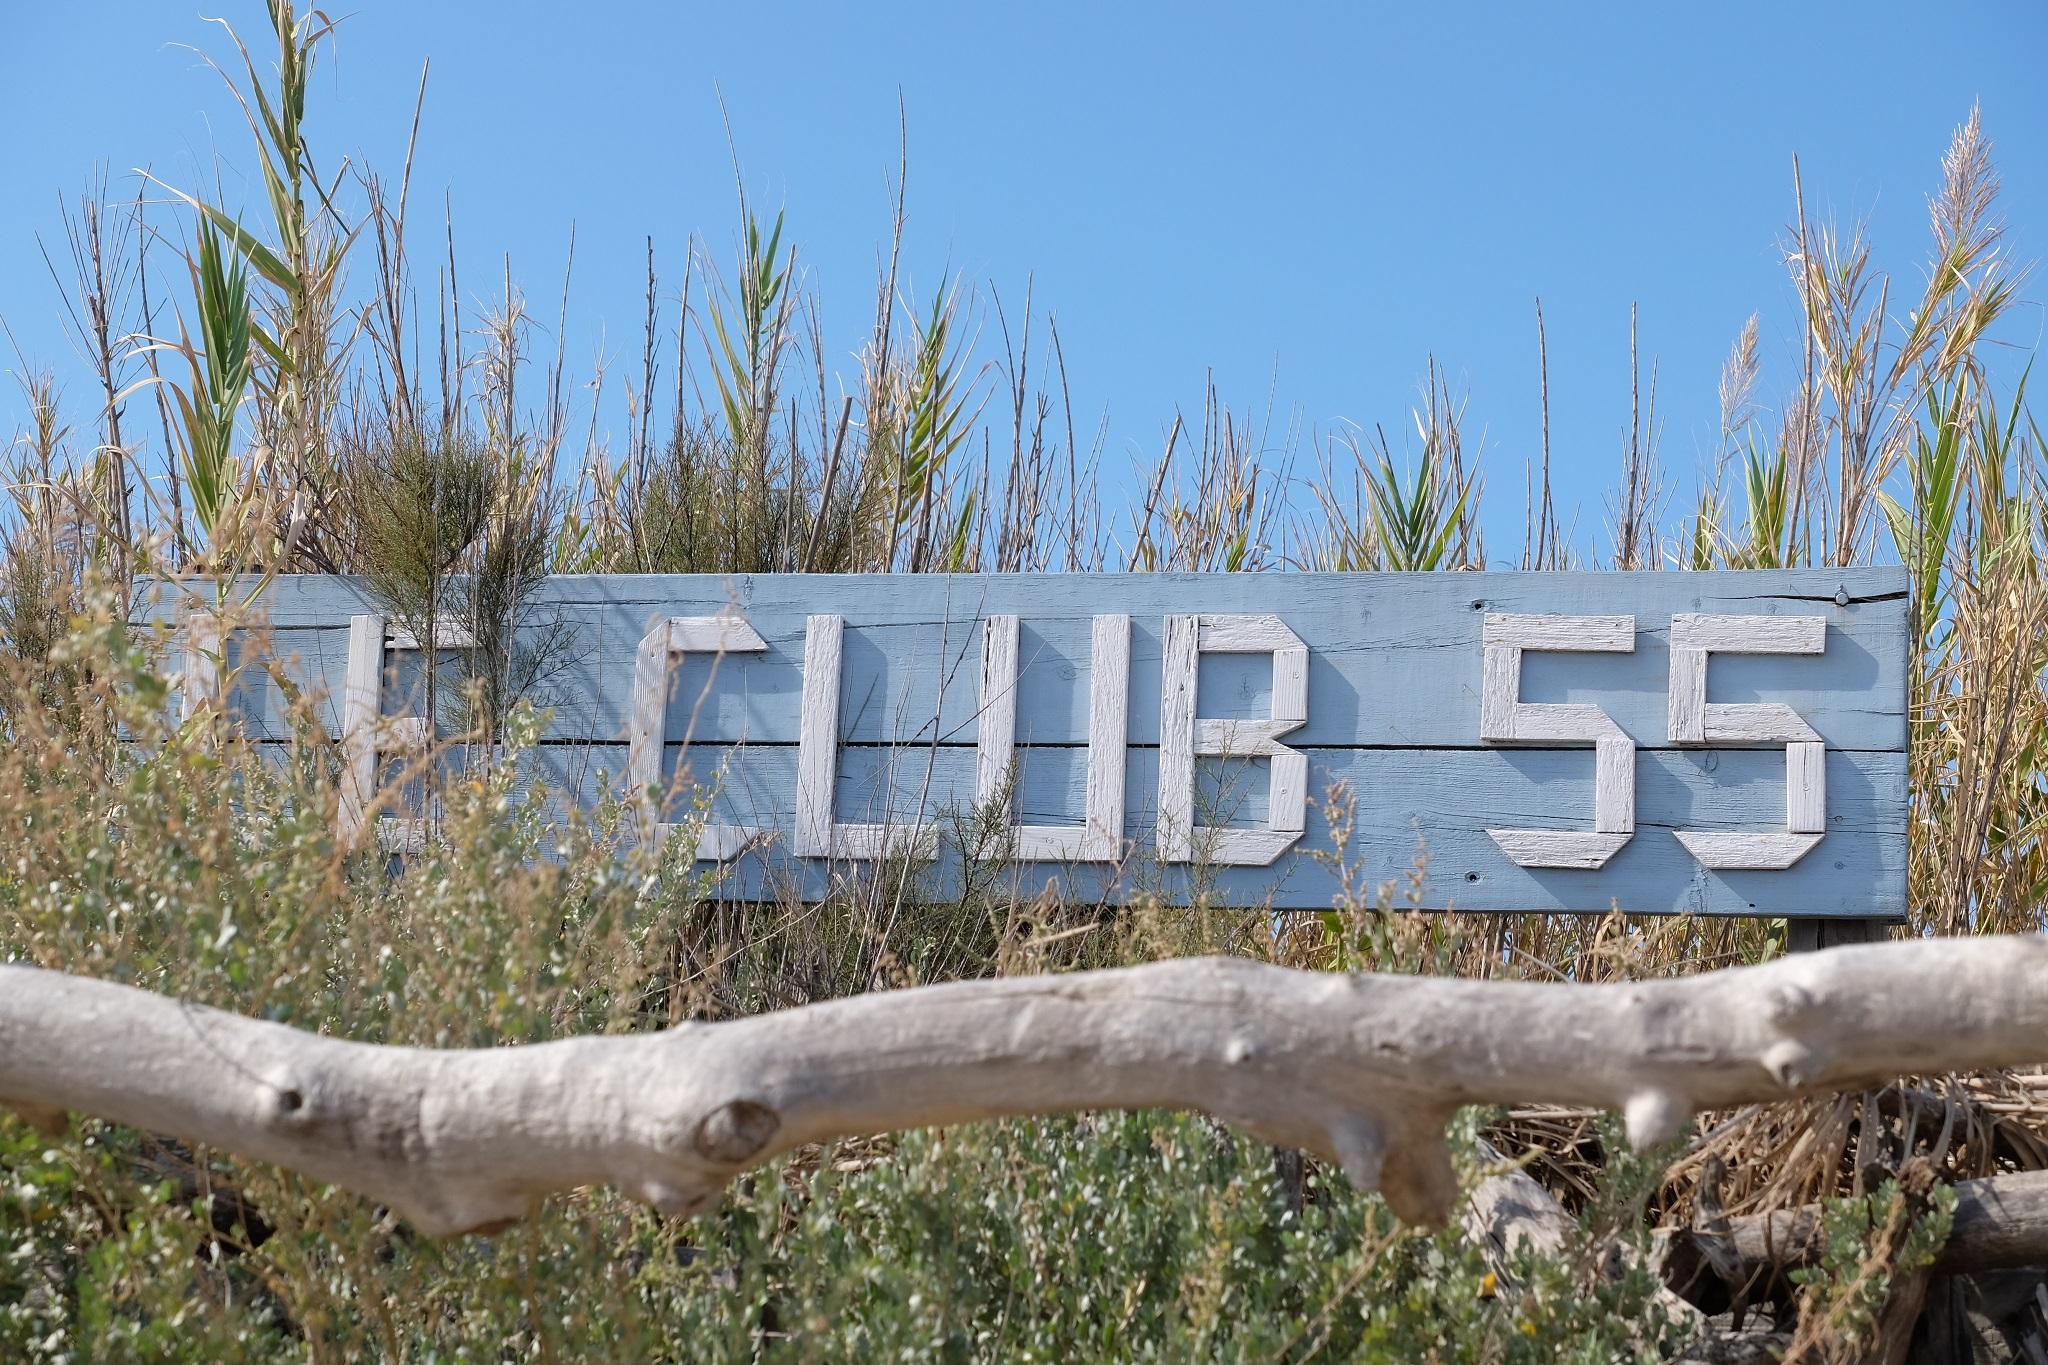 Saint tropez tips club 55 - Club 55 saint tropez ...